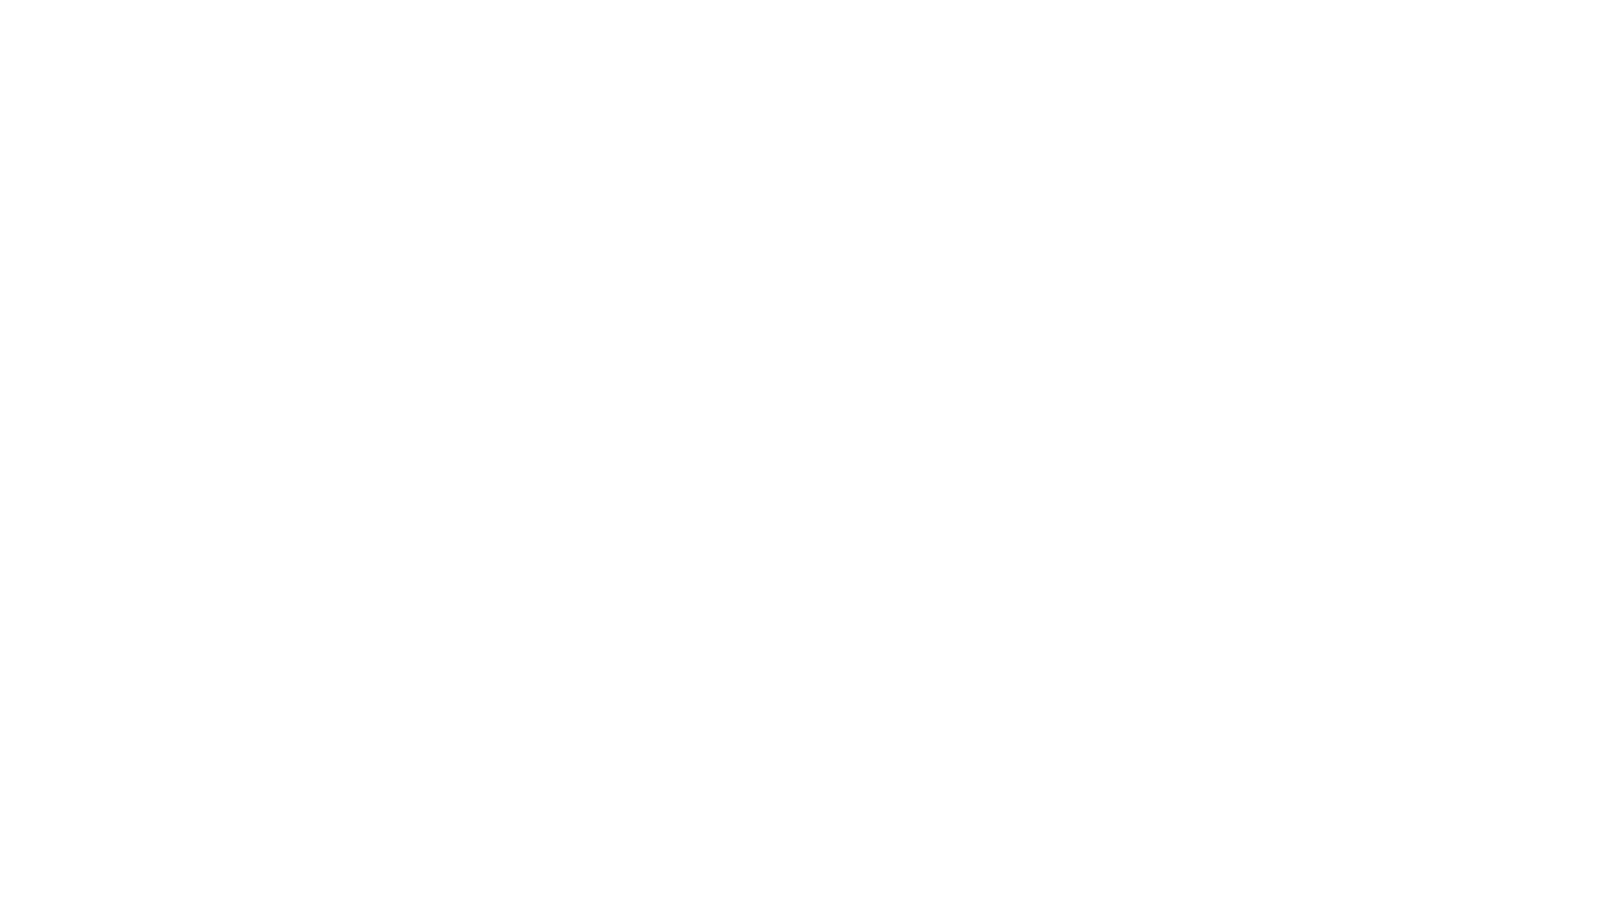 Il cortometraggio di Pepita Onlus sul mondo degli educatori.  Regia: Davide Carafòli. Con Paolo Bernardi, Eleonora Boccalari, Giorgia Castelmare, Cristian Pellegatta, Andrea Pozzoni, fotografia Alessandro Crovi, audio in presa diretta Nicola Velardita, operatori di camera Andrea Sartori, Aksinja Bellone, direttore di produzione Filippo Broglia, assistente di produzione Pouneh Zahmatkesh, montaggio Anna Lapiccirella, Pouneh Zahmatkesh, color correction Silvia Colombo, timelapse Adriano Carafòli